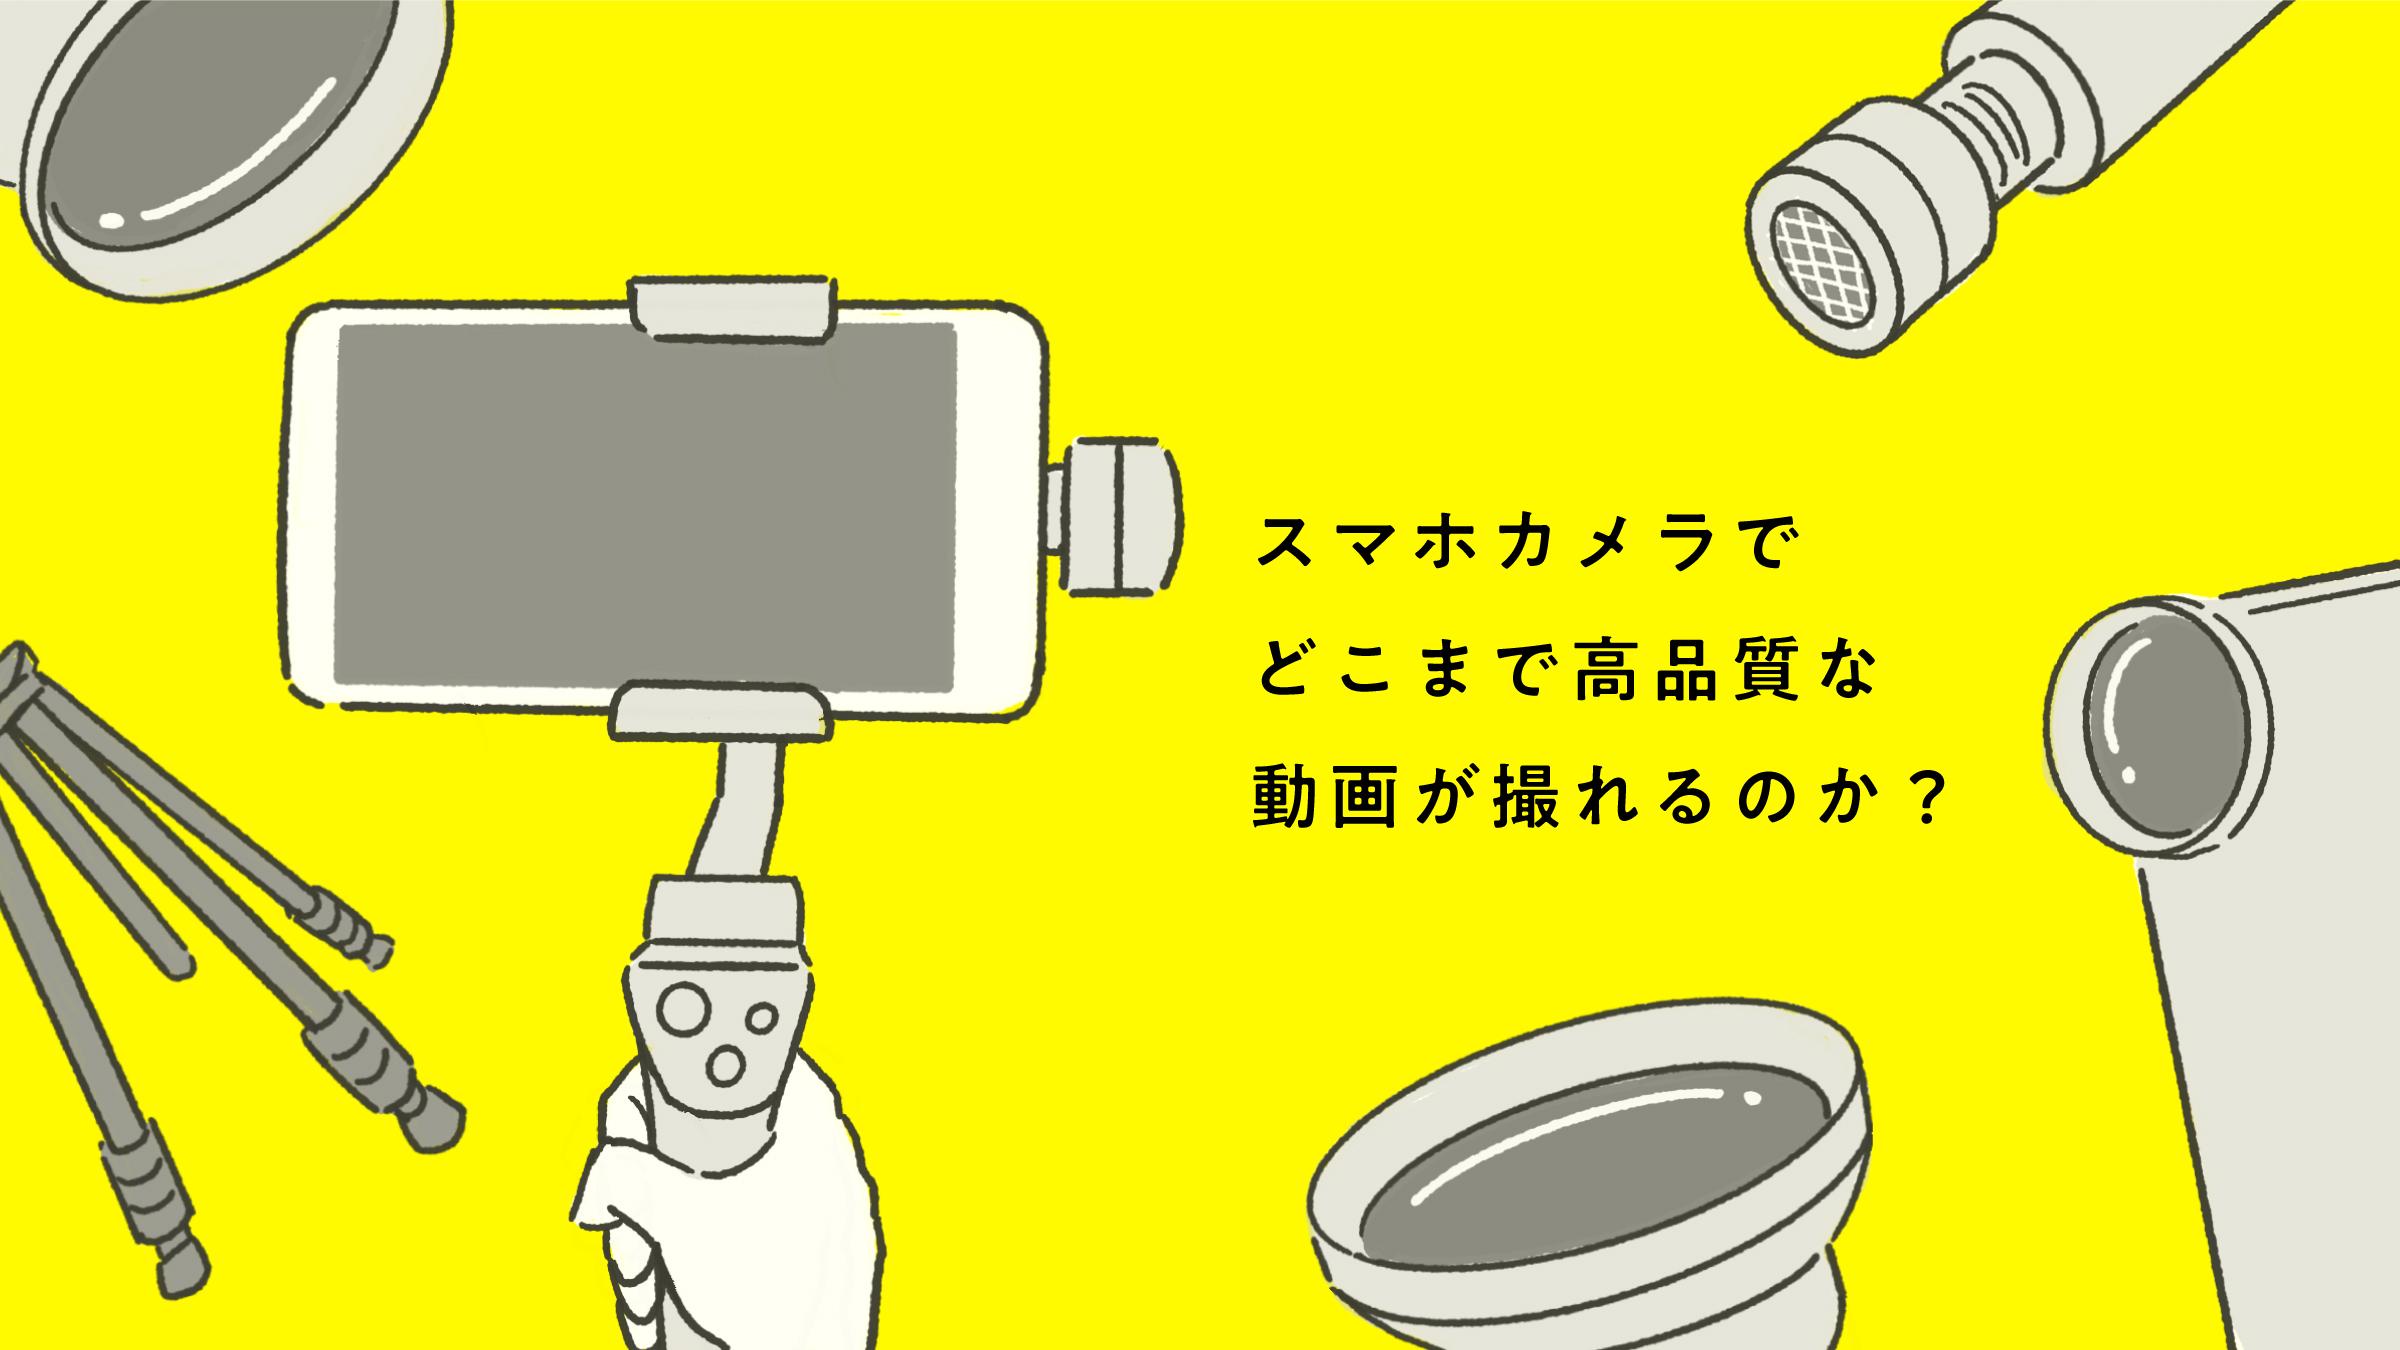 スマホカメラでどこまで高品質な動画が撮れるのか?(iPhoneの場合)